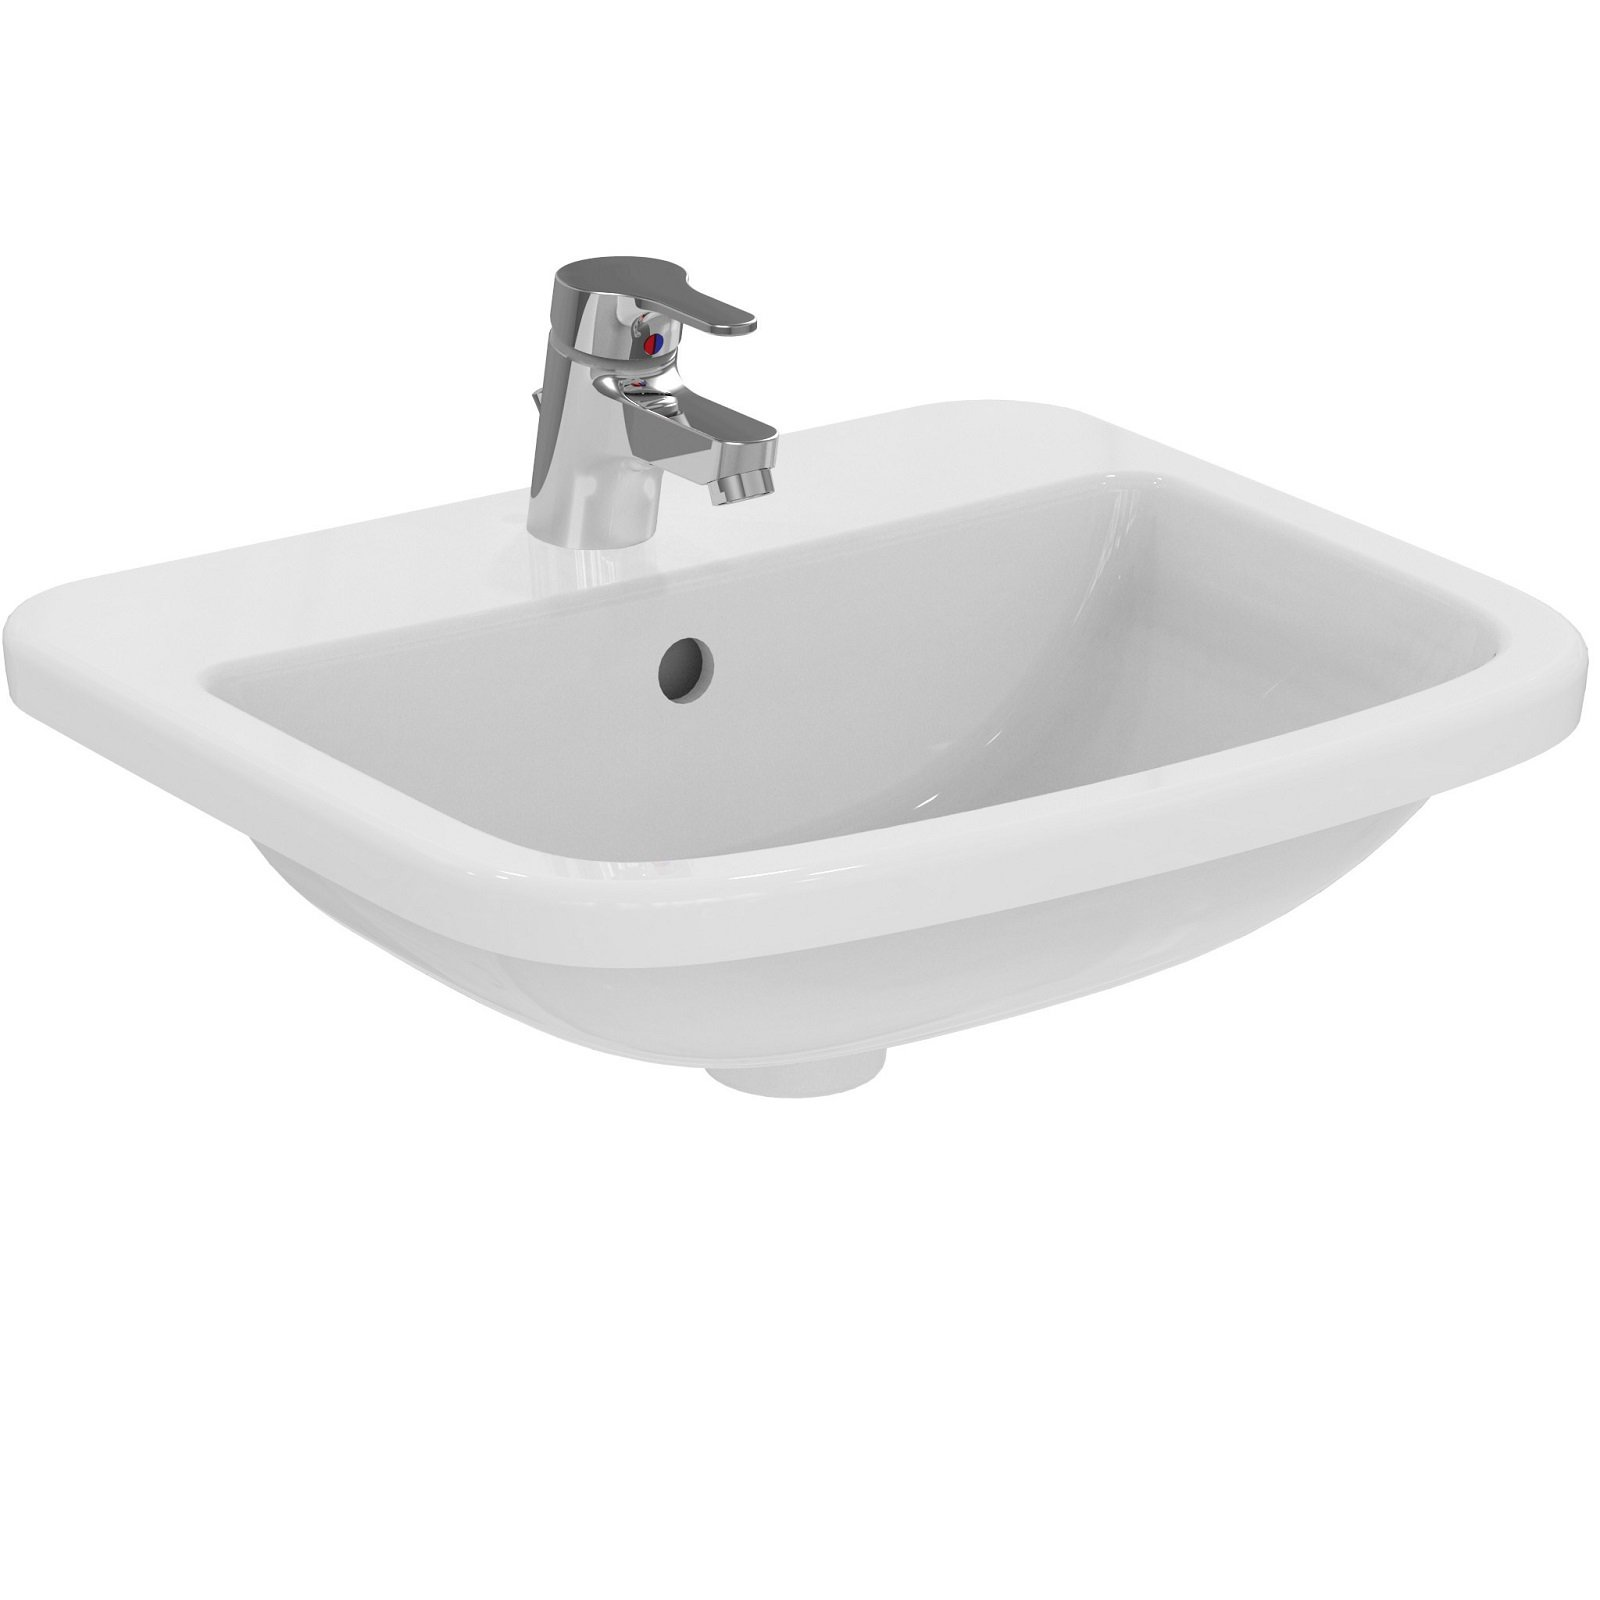 Lavabi piccoli - Cose di Casa